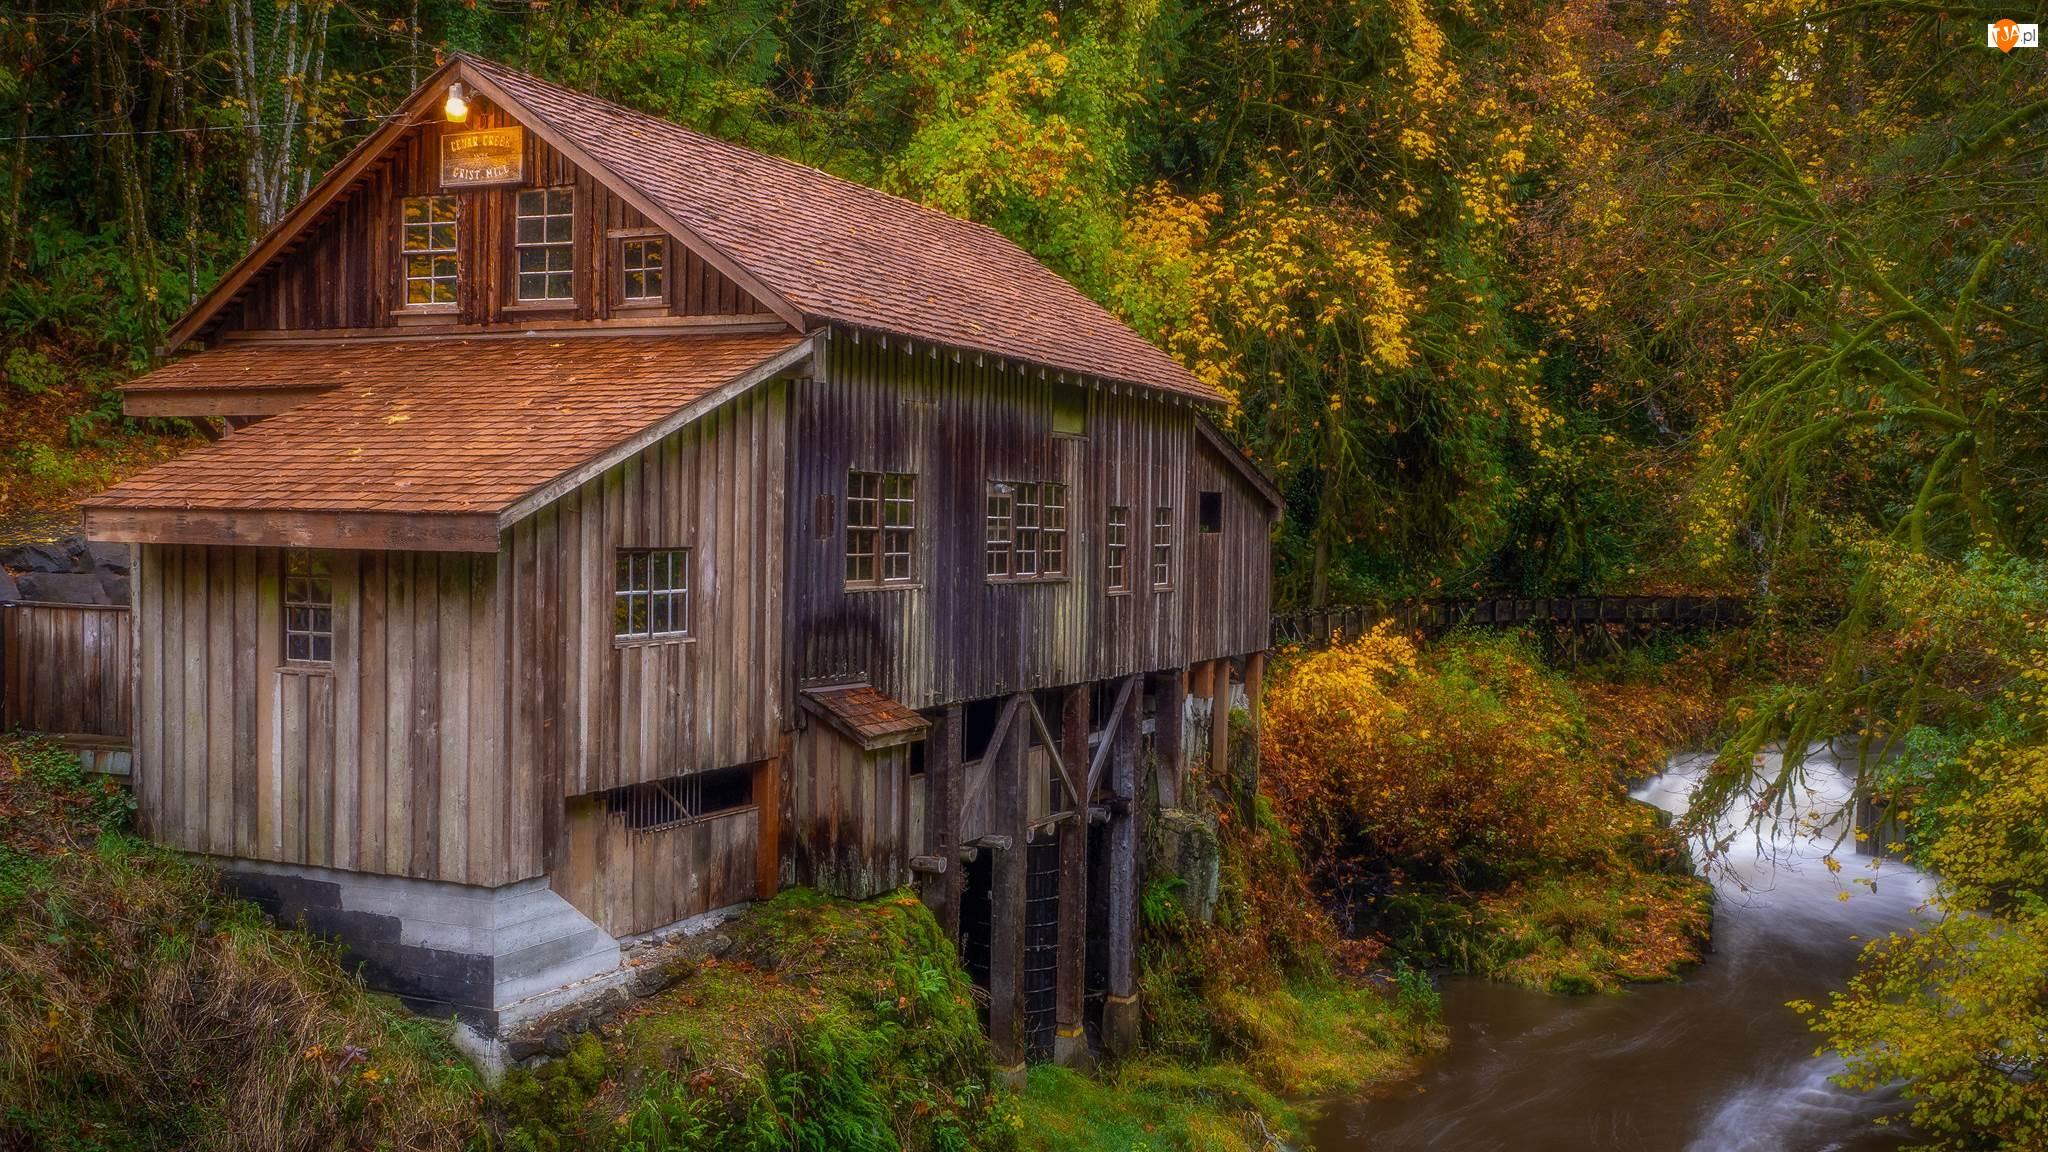 Woodland, Młyn, Las, Stan Waszyngton, Cedar Creek Grist Mill, Drzewa, Stany Zjednoczone, Rzeka